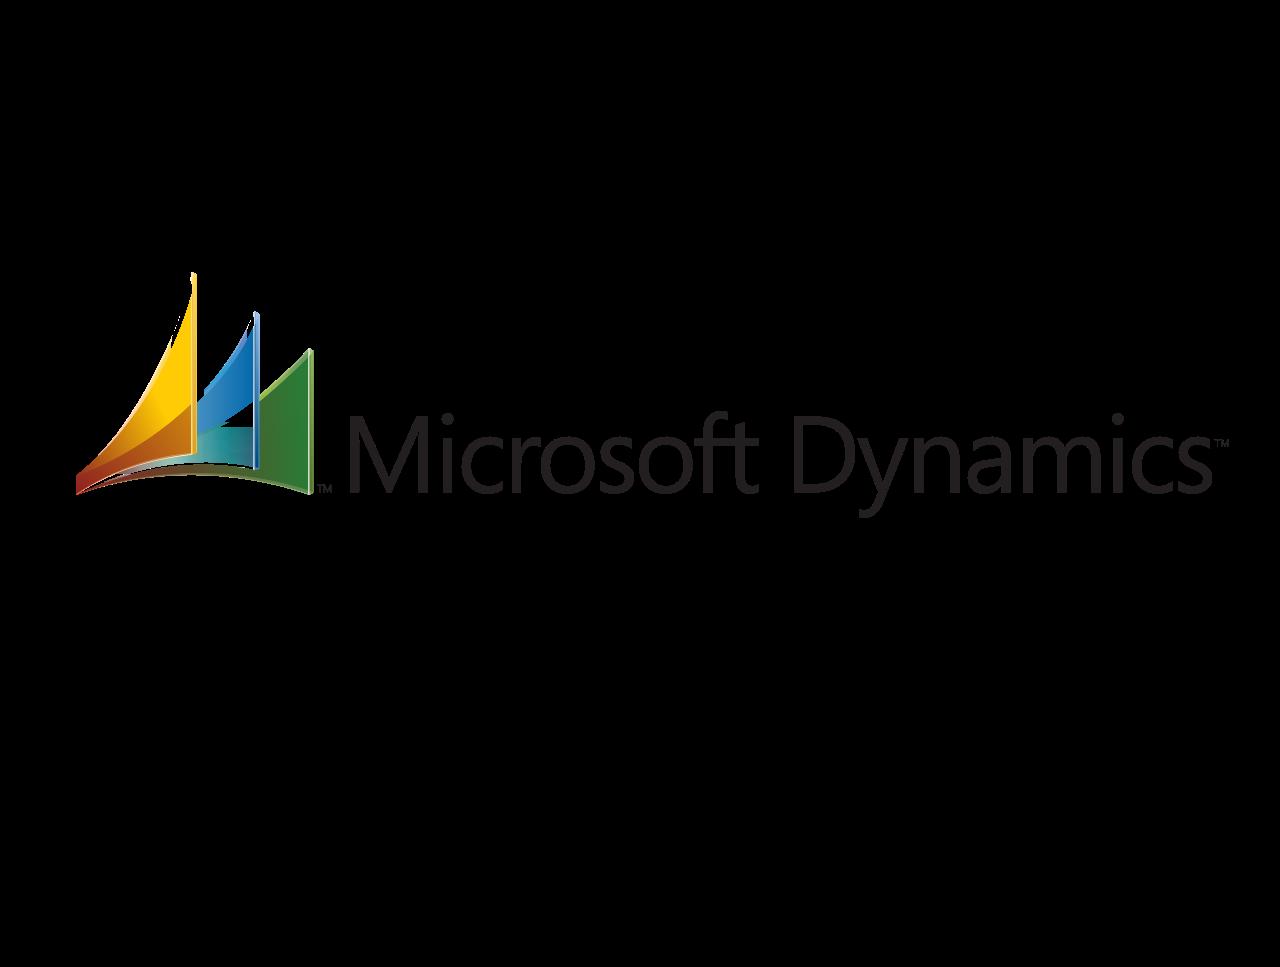 File:Microsoft Dynamics Logo.svg.